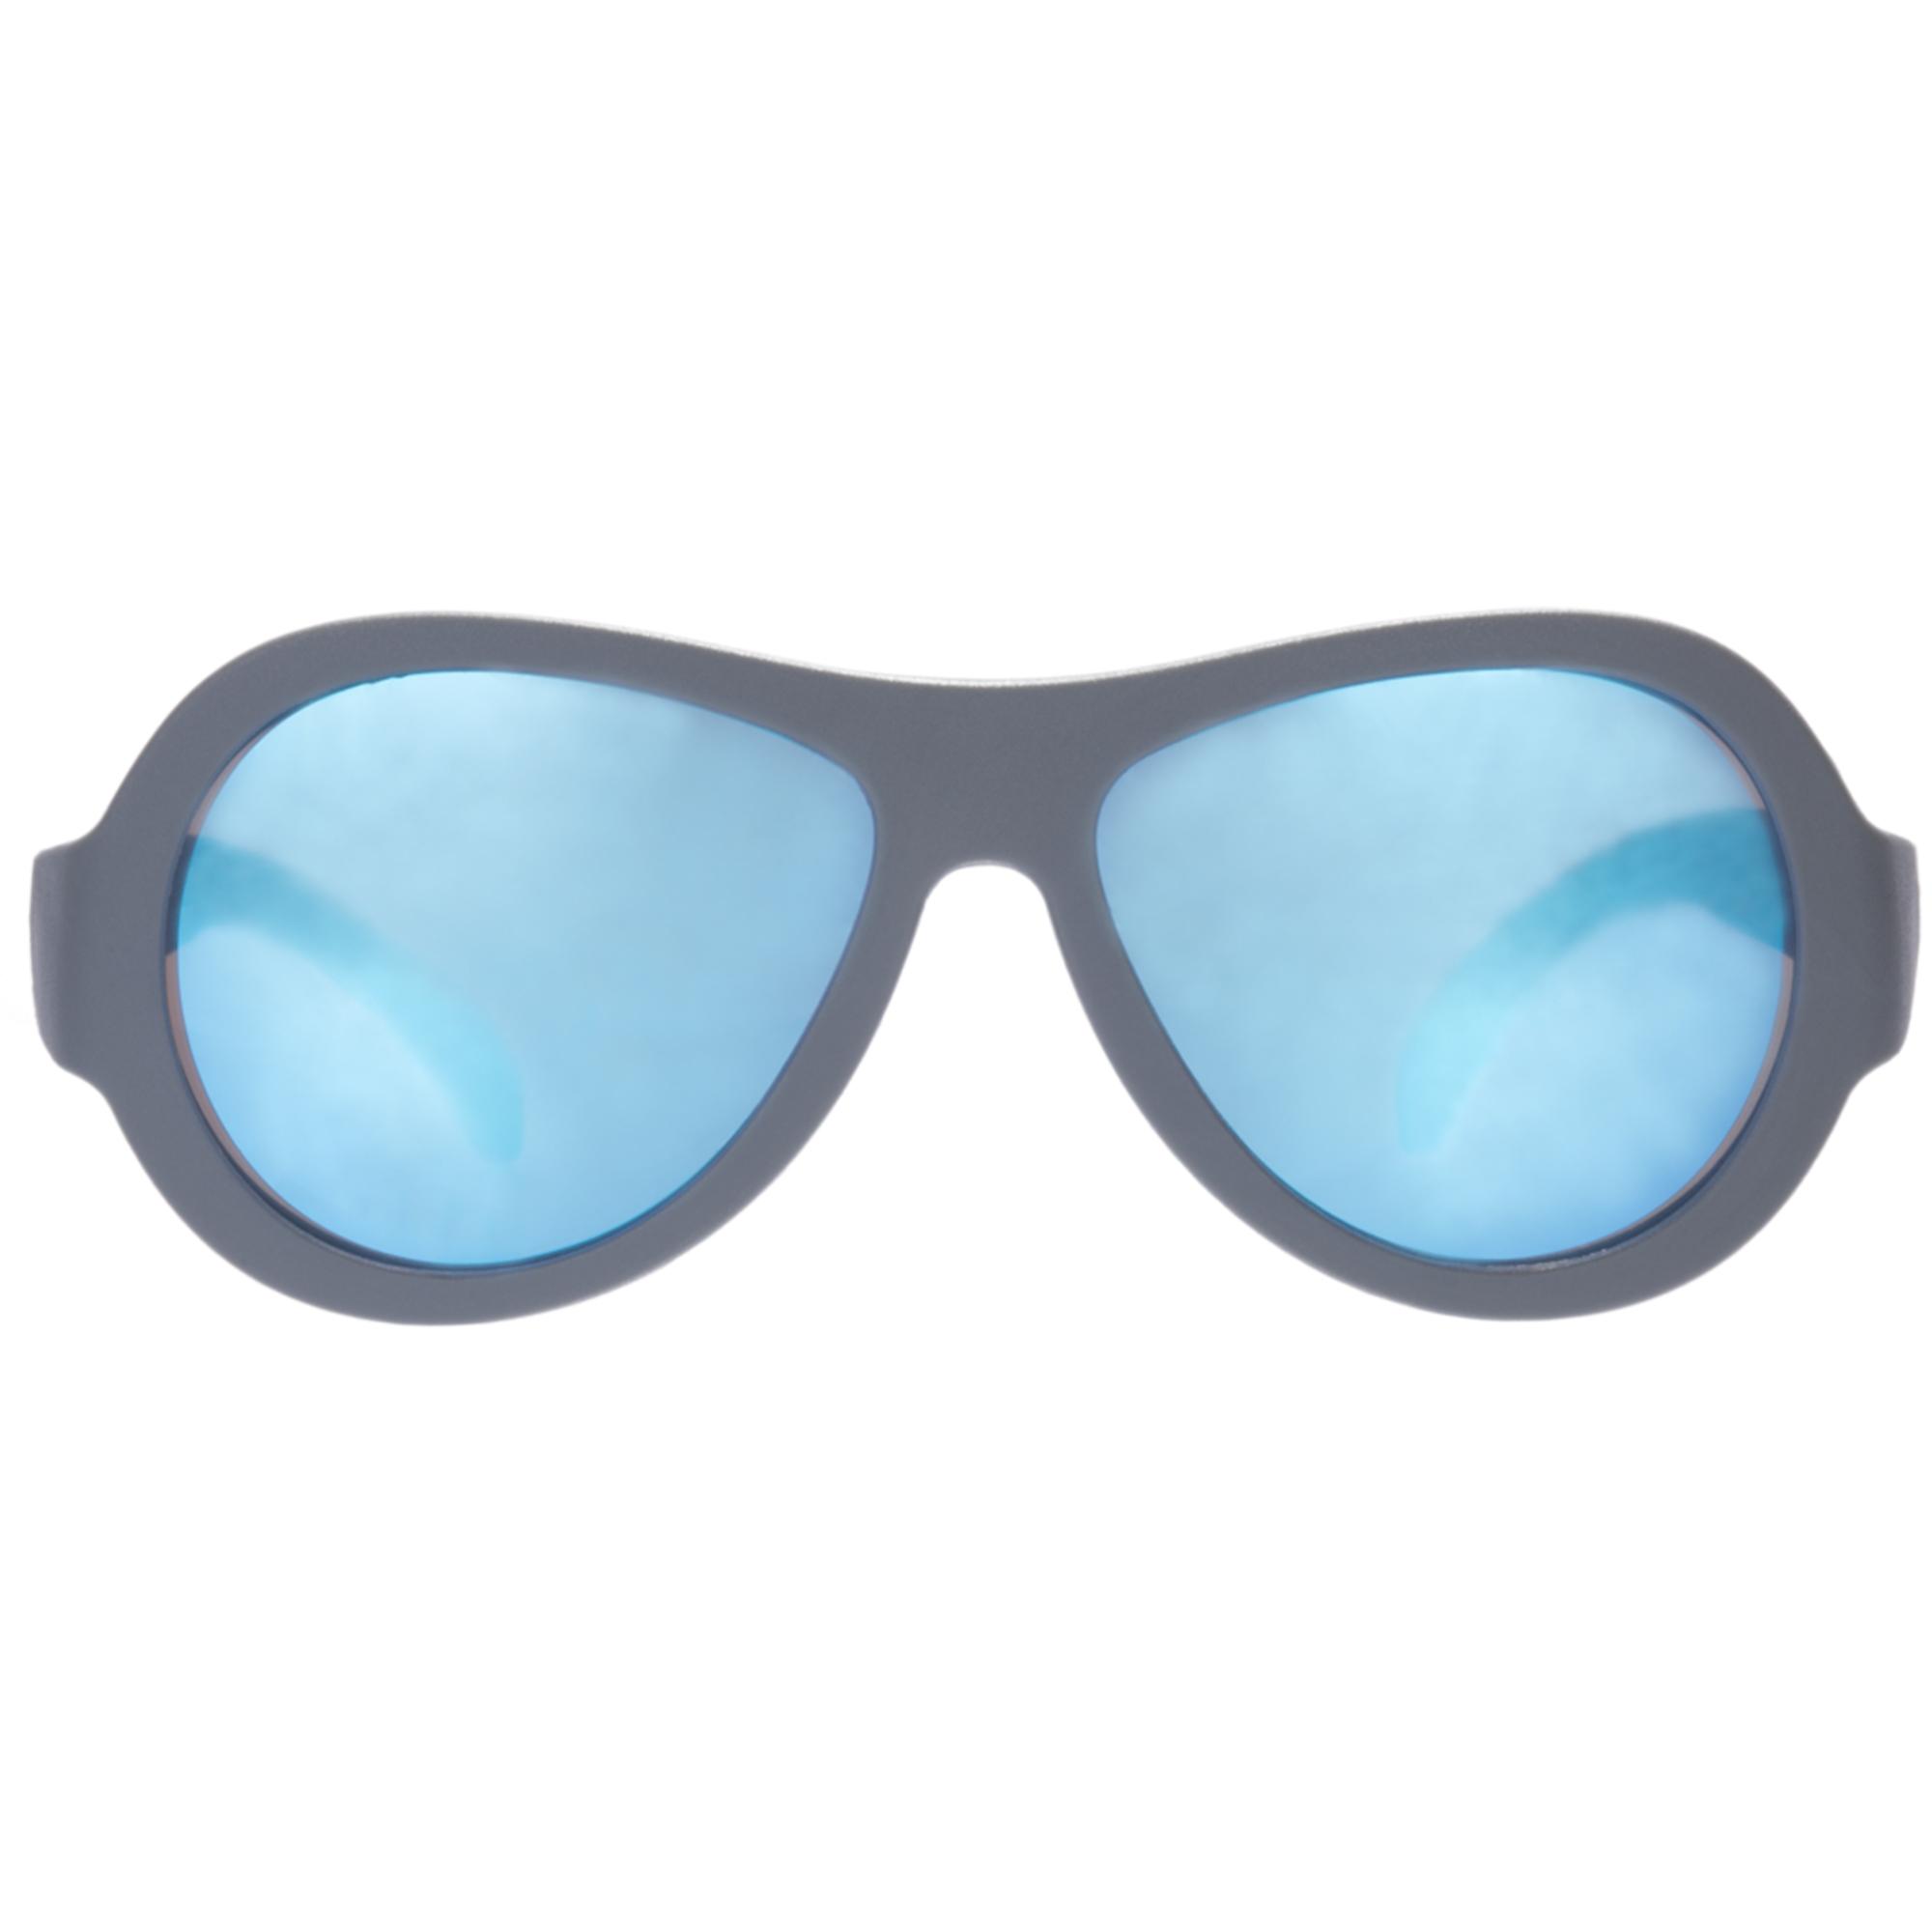 Ochelari de soare pentru copii, BABIATORS, Premium-Blue Steel Junior, 0-2 ani